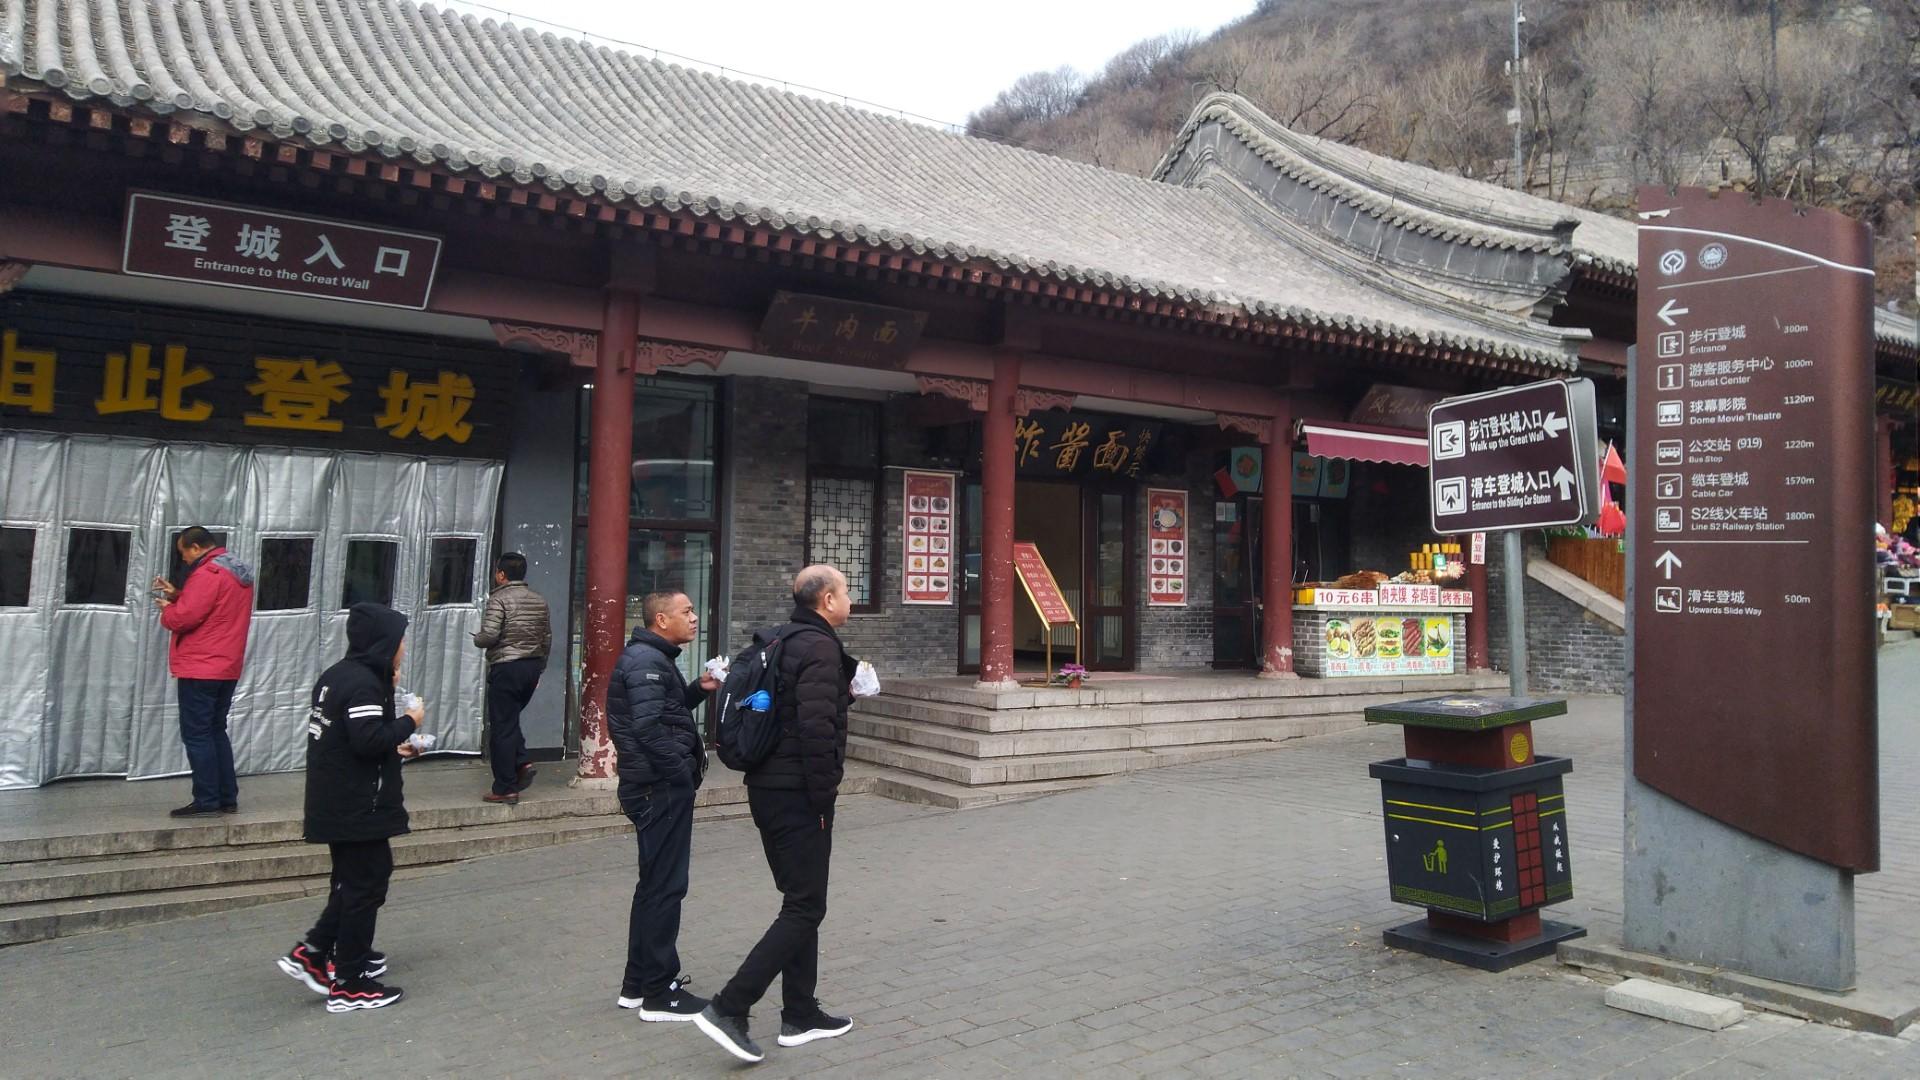 fanyanto ke badaling great wall china 14